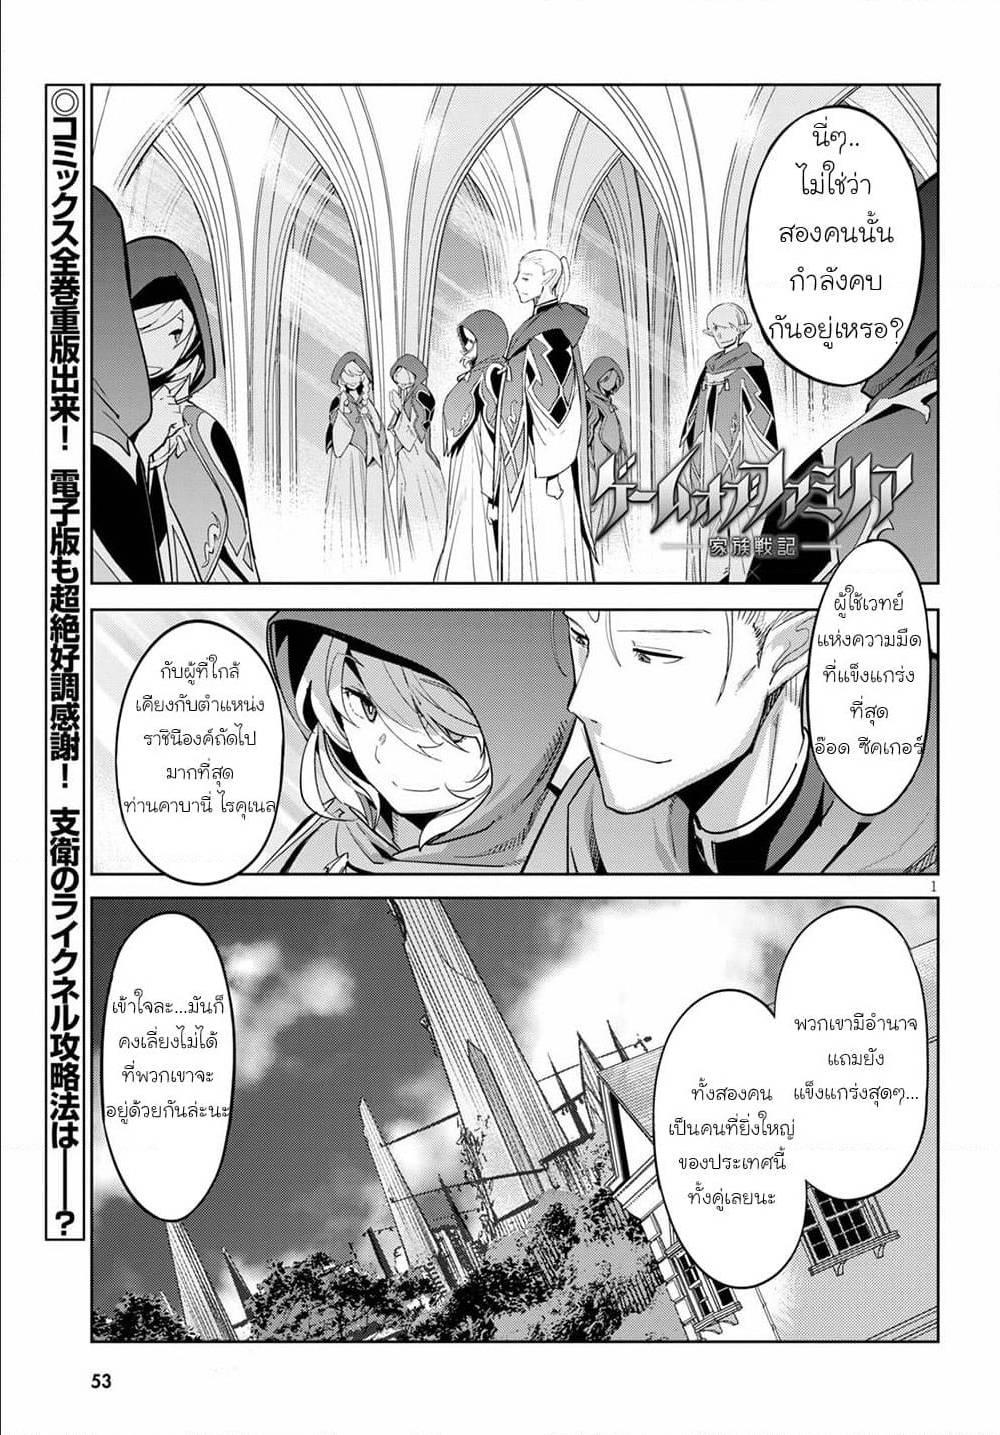 อ่านการ์ตูน Game obu Familia - Family Senki ตอนที่ 27 หน้าที่ 3